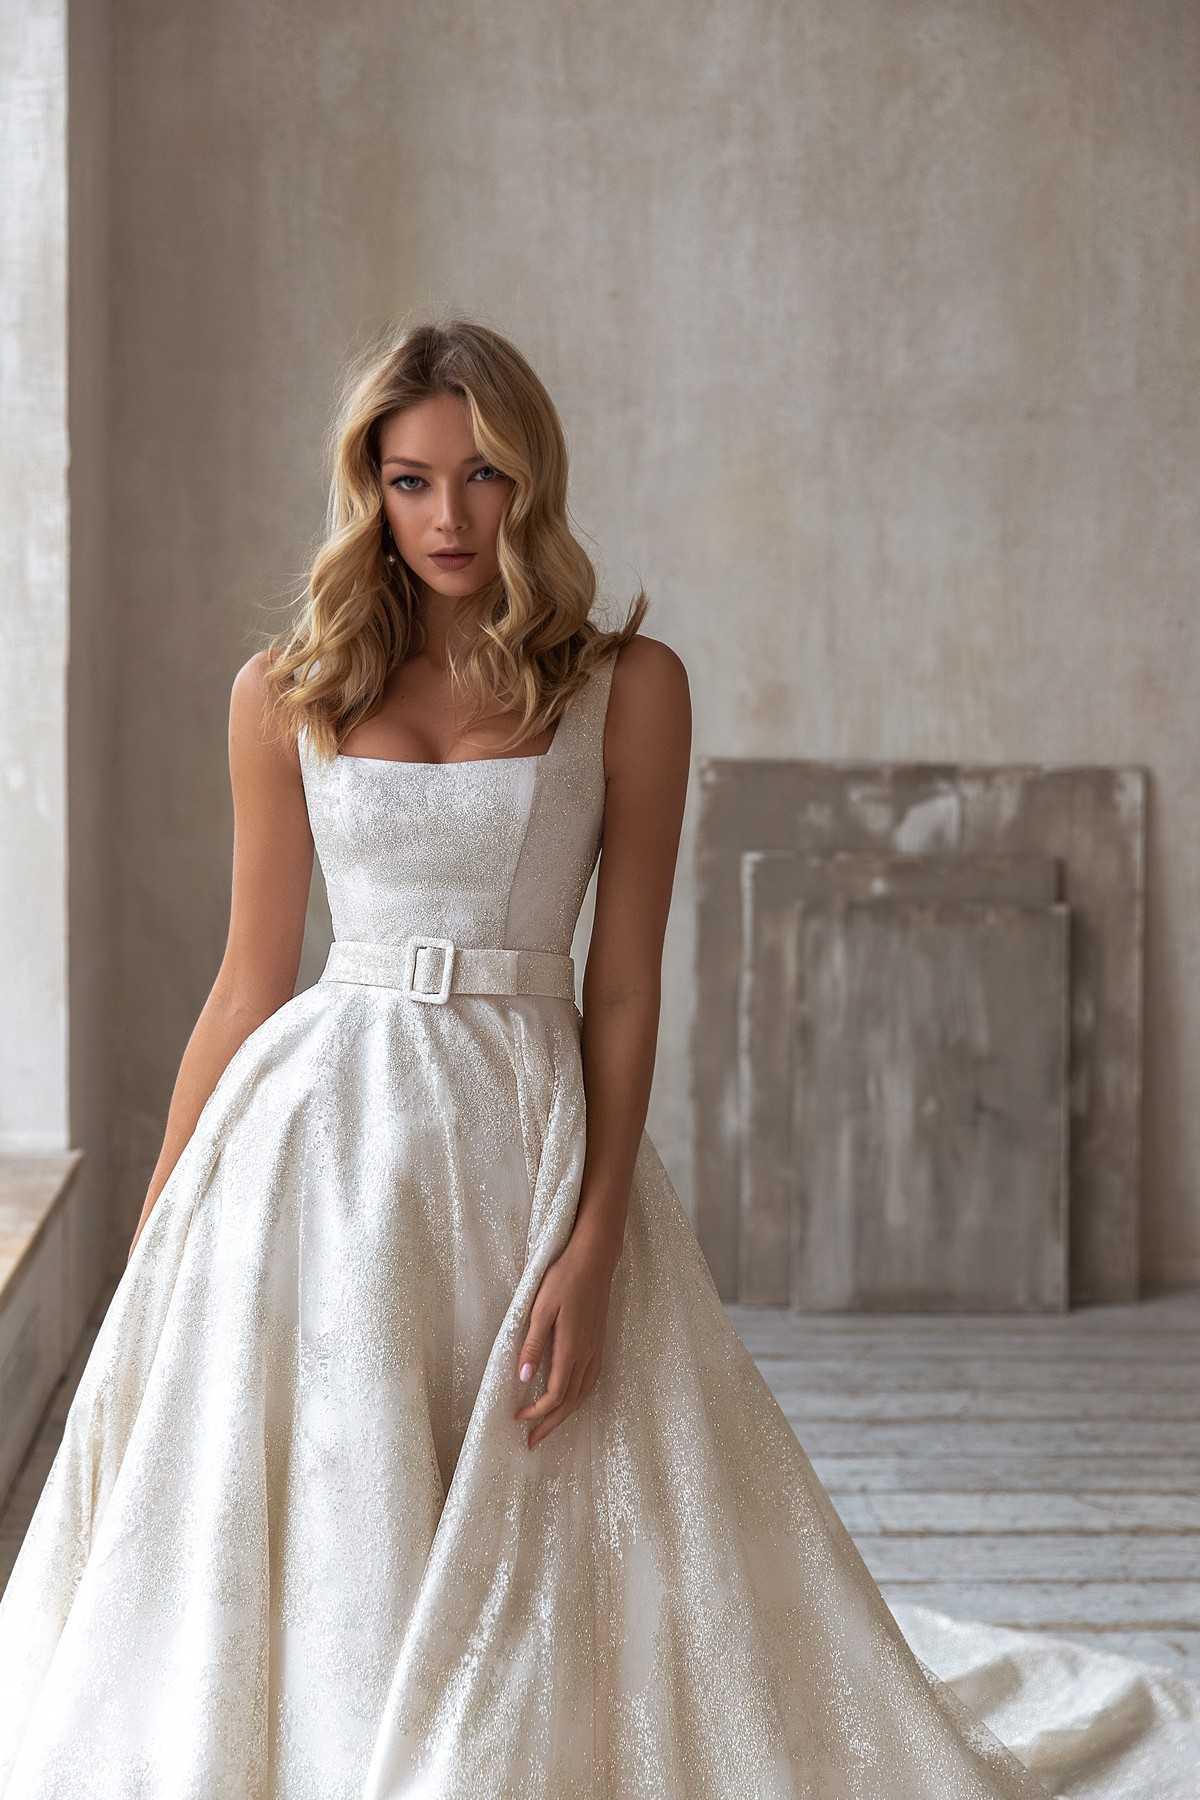 Brie Новая свадебная коллекция Less is more бренда Eva Lendel